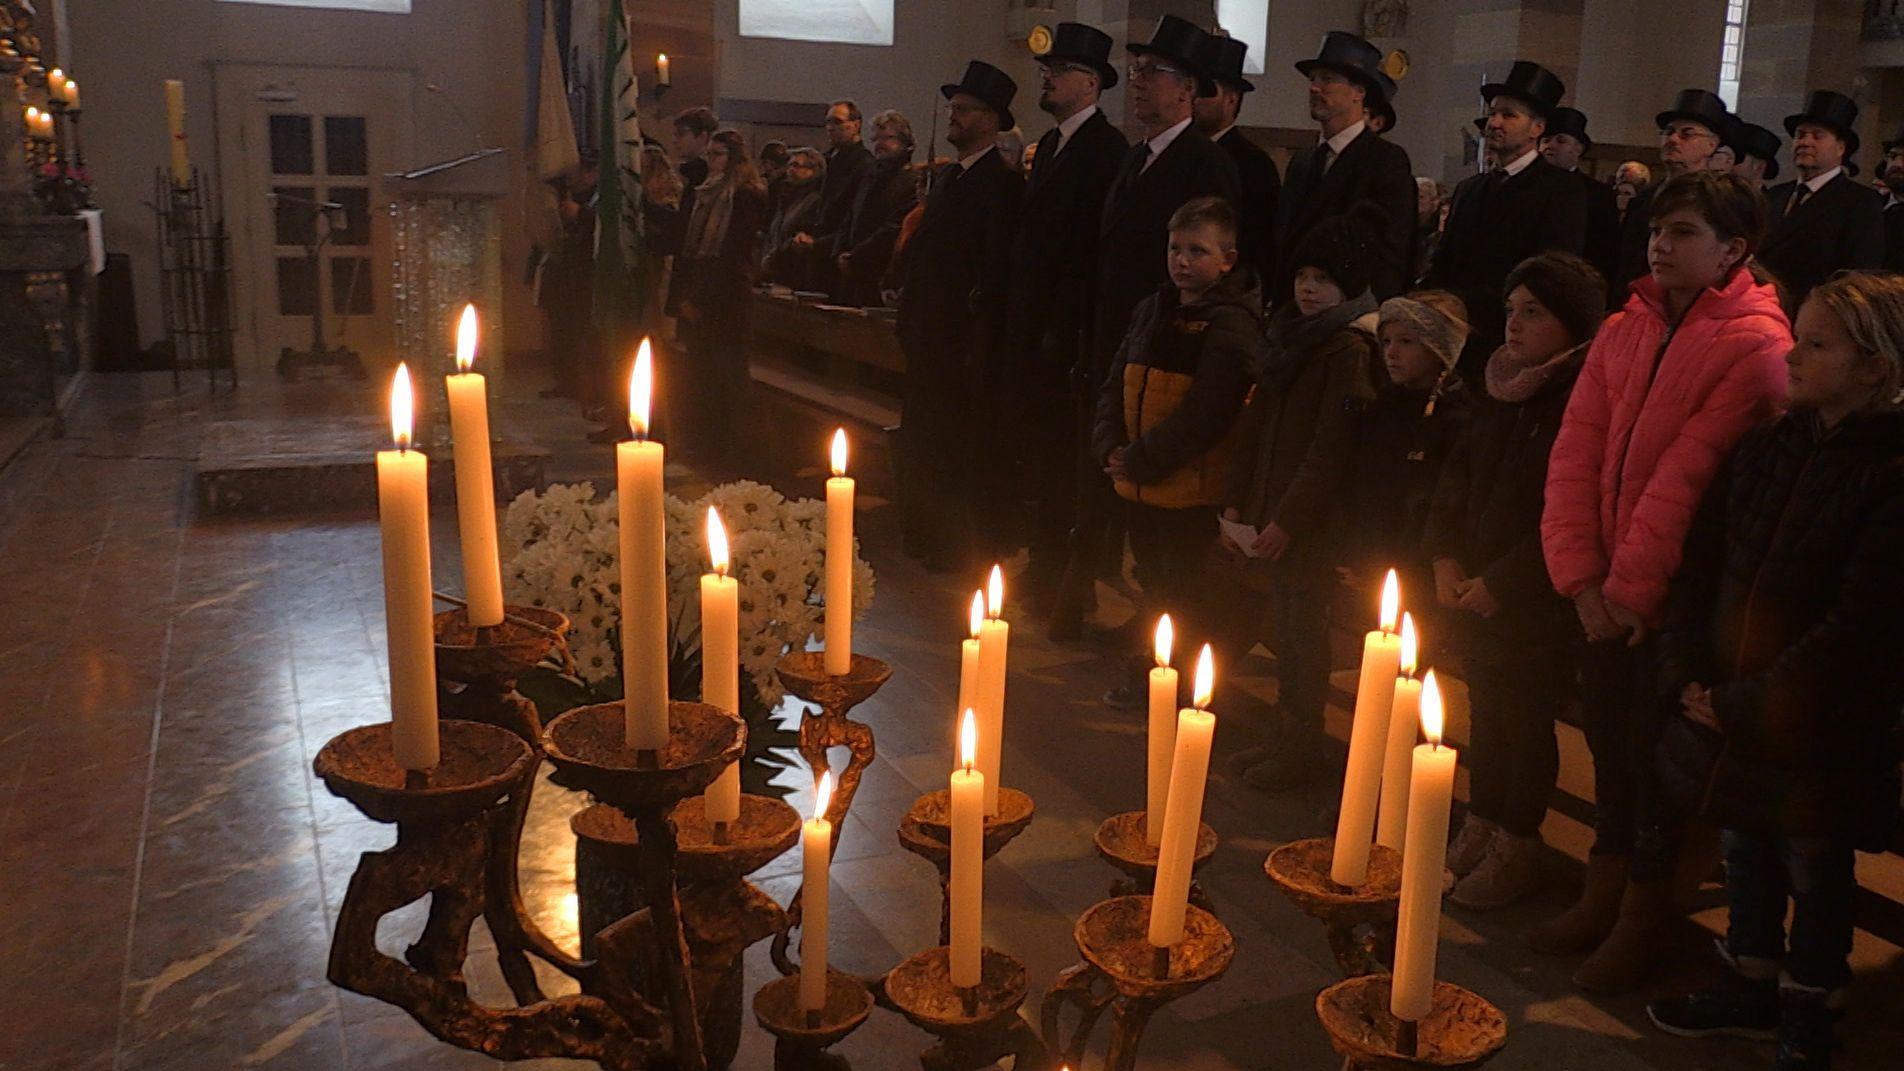 Festgottesdienst zum Sebastiani-Gelübde in der Oberschwarzacher Kirche St. Peter und Paul.